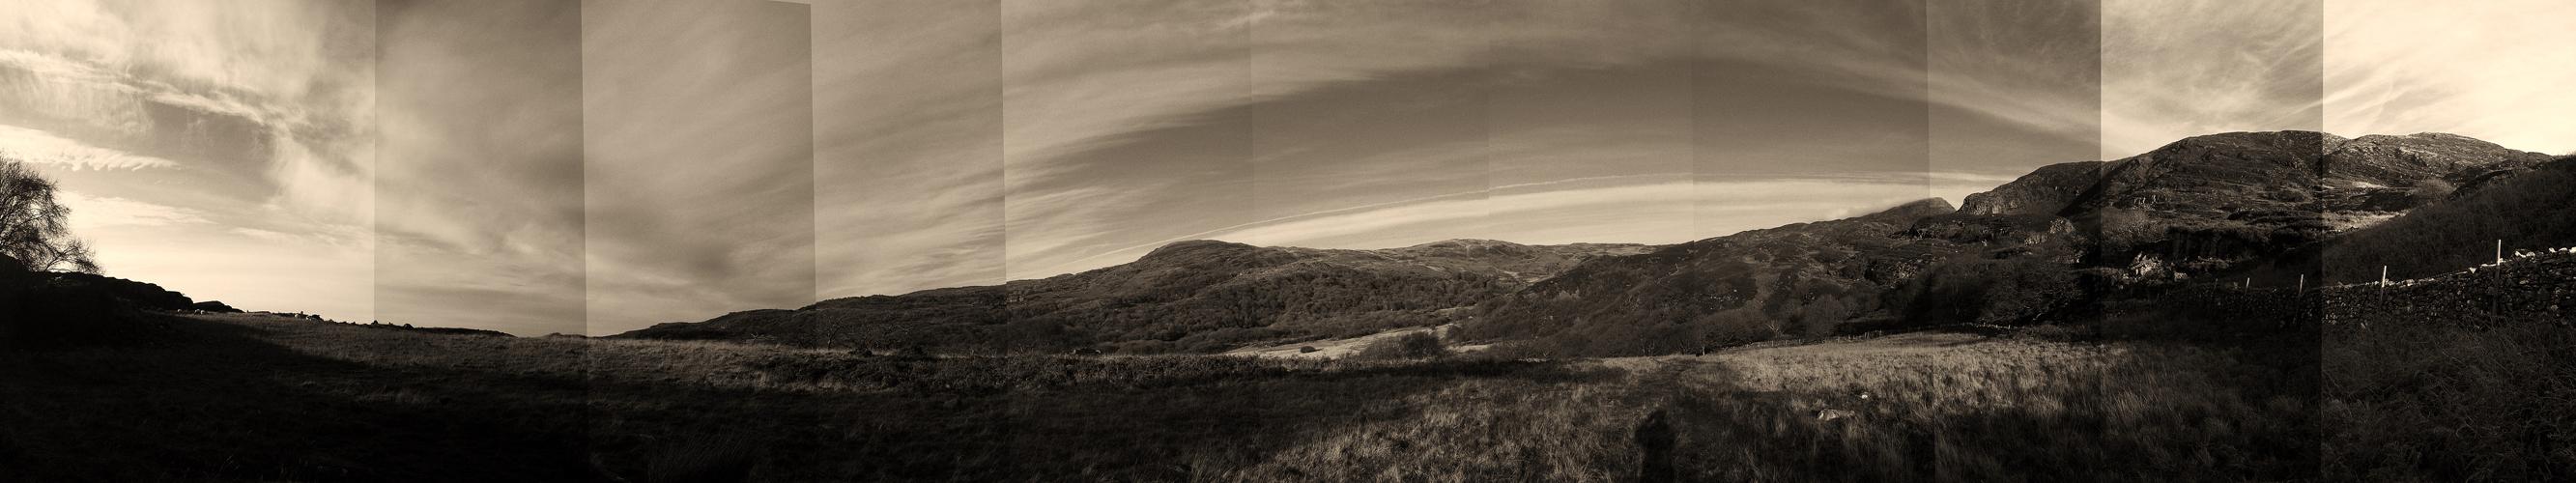 Carreg Fawr, West Wales by iia02dennisg